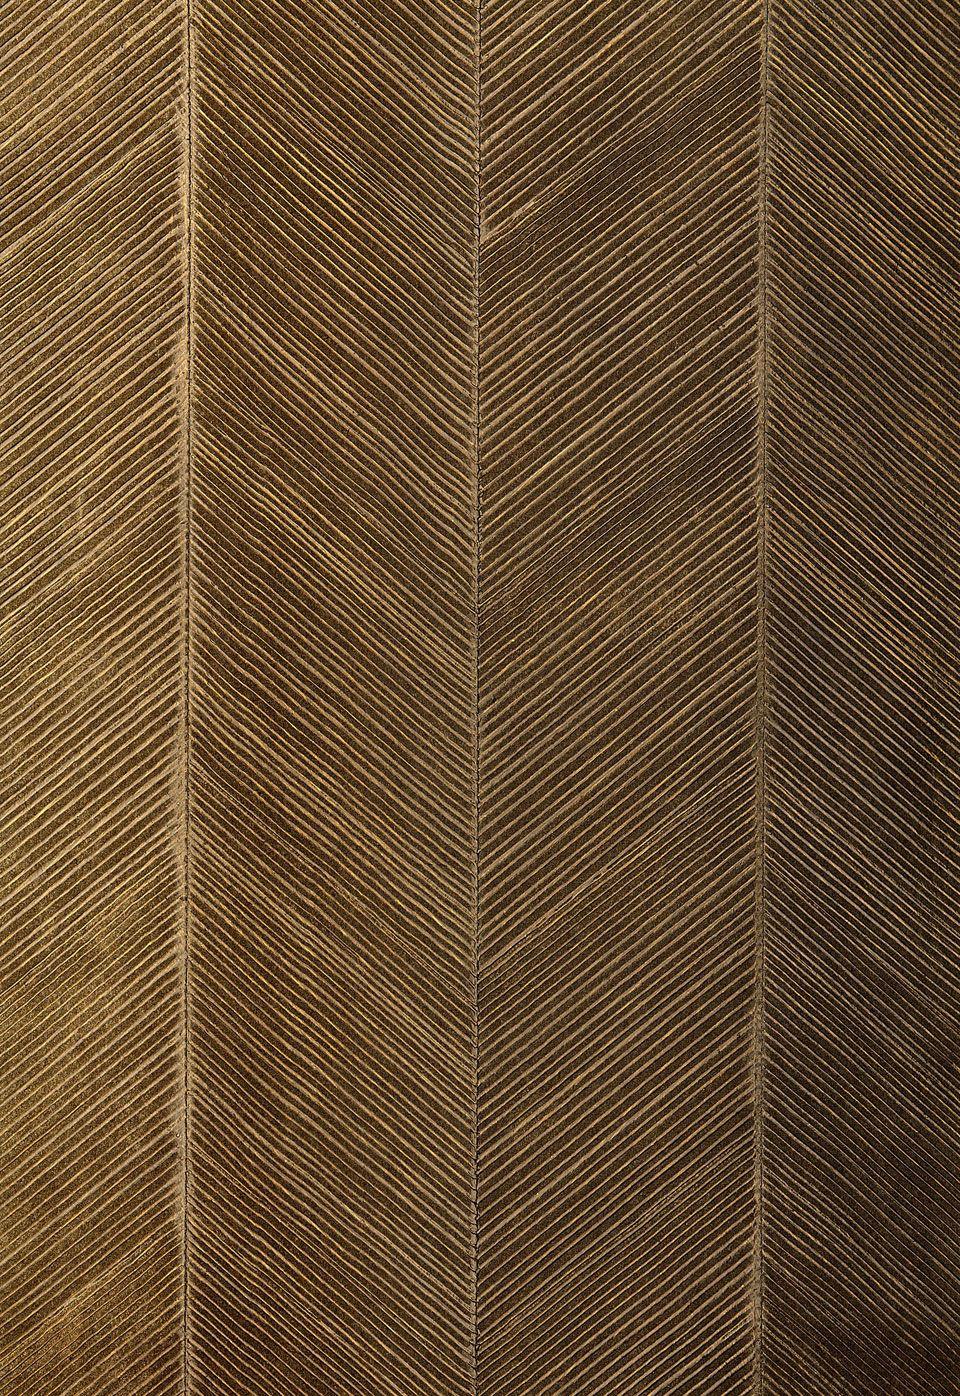 5005653 Chevron Texture Burnished Bronze By Schumacher